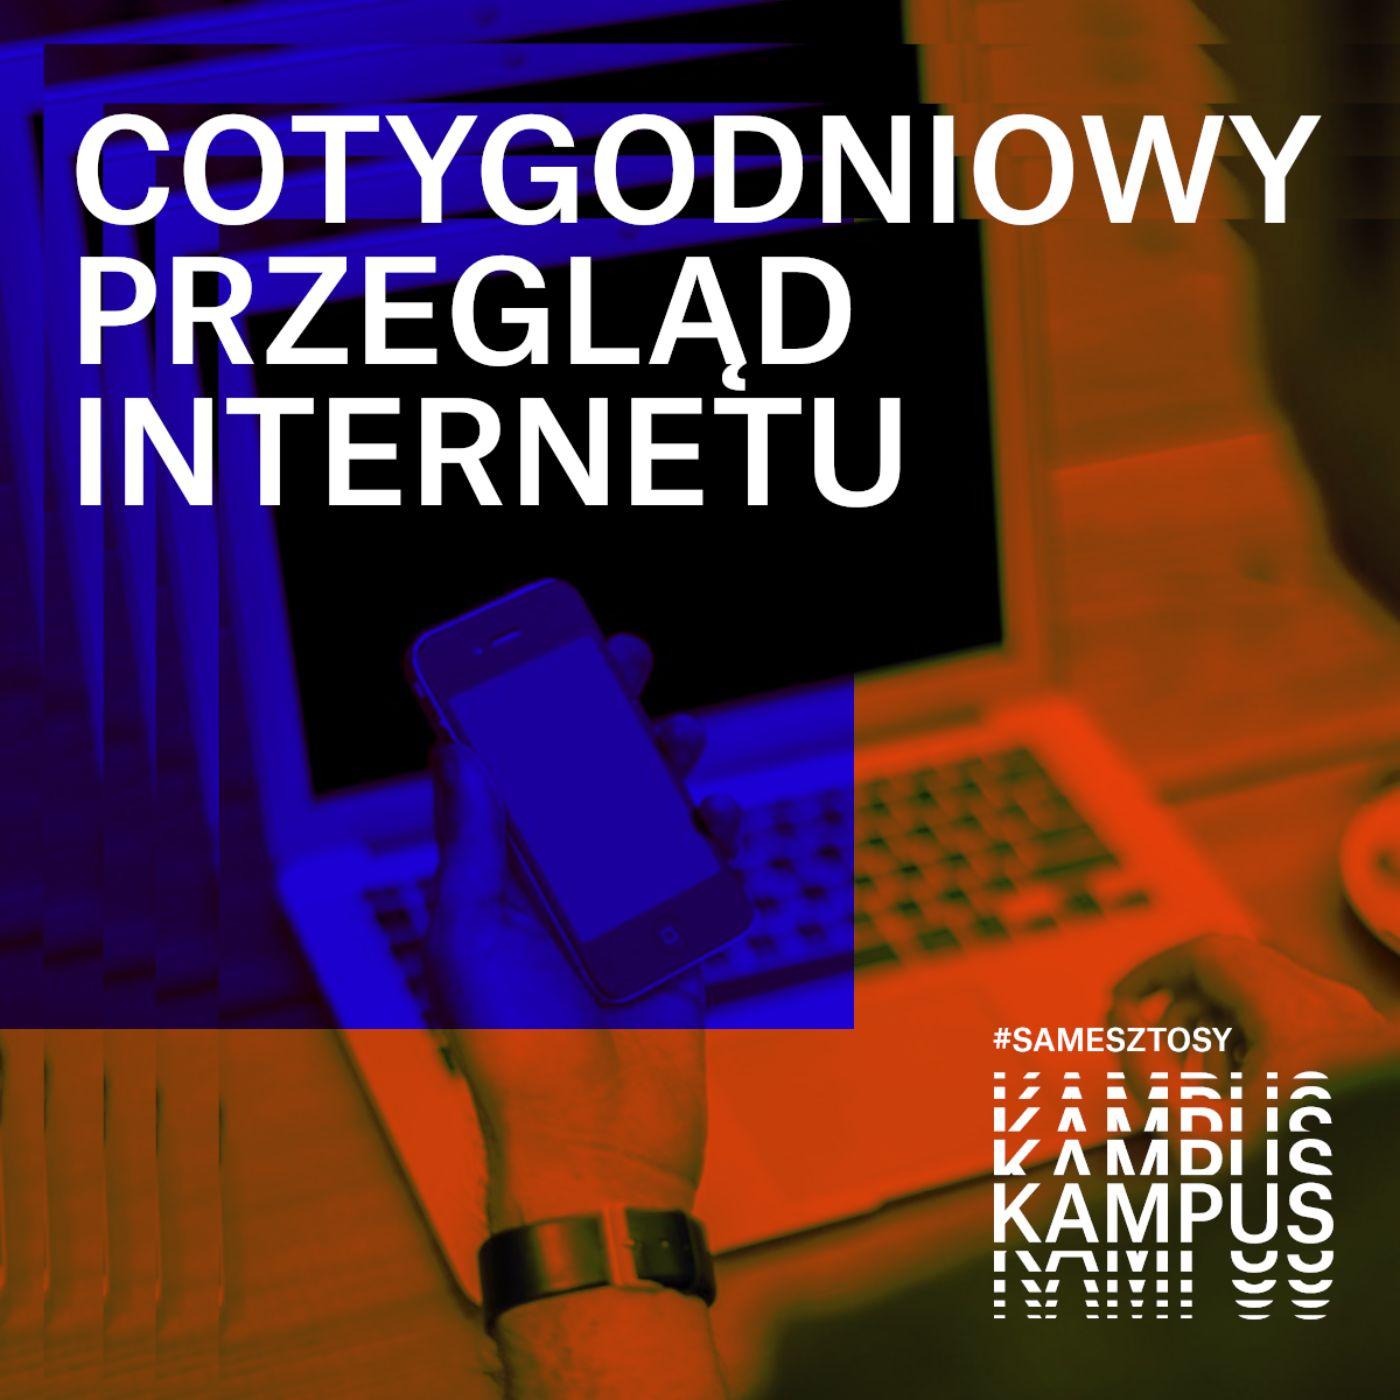 Cotygodniowy Przegląd Internetu - Sylwia Czubkowska